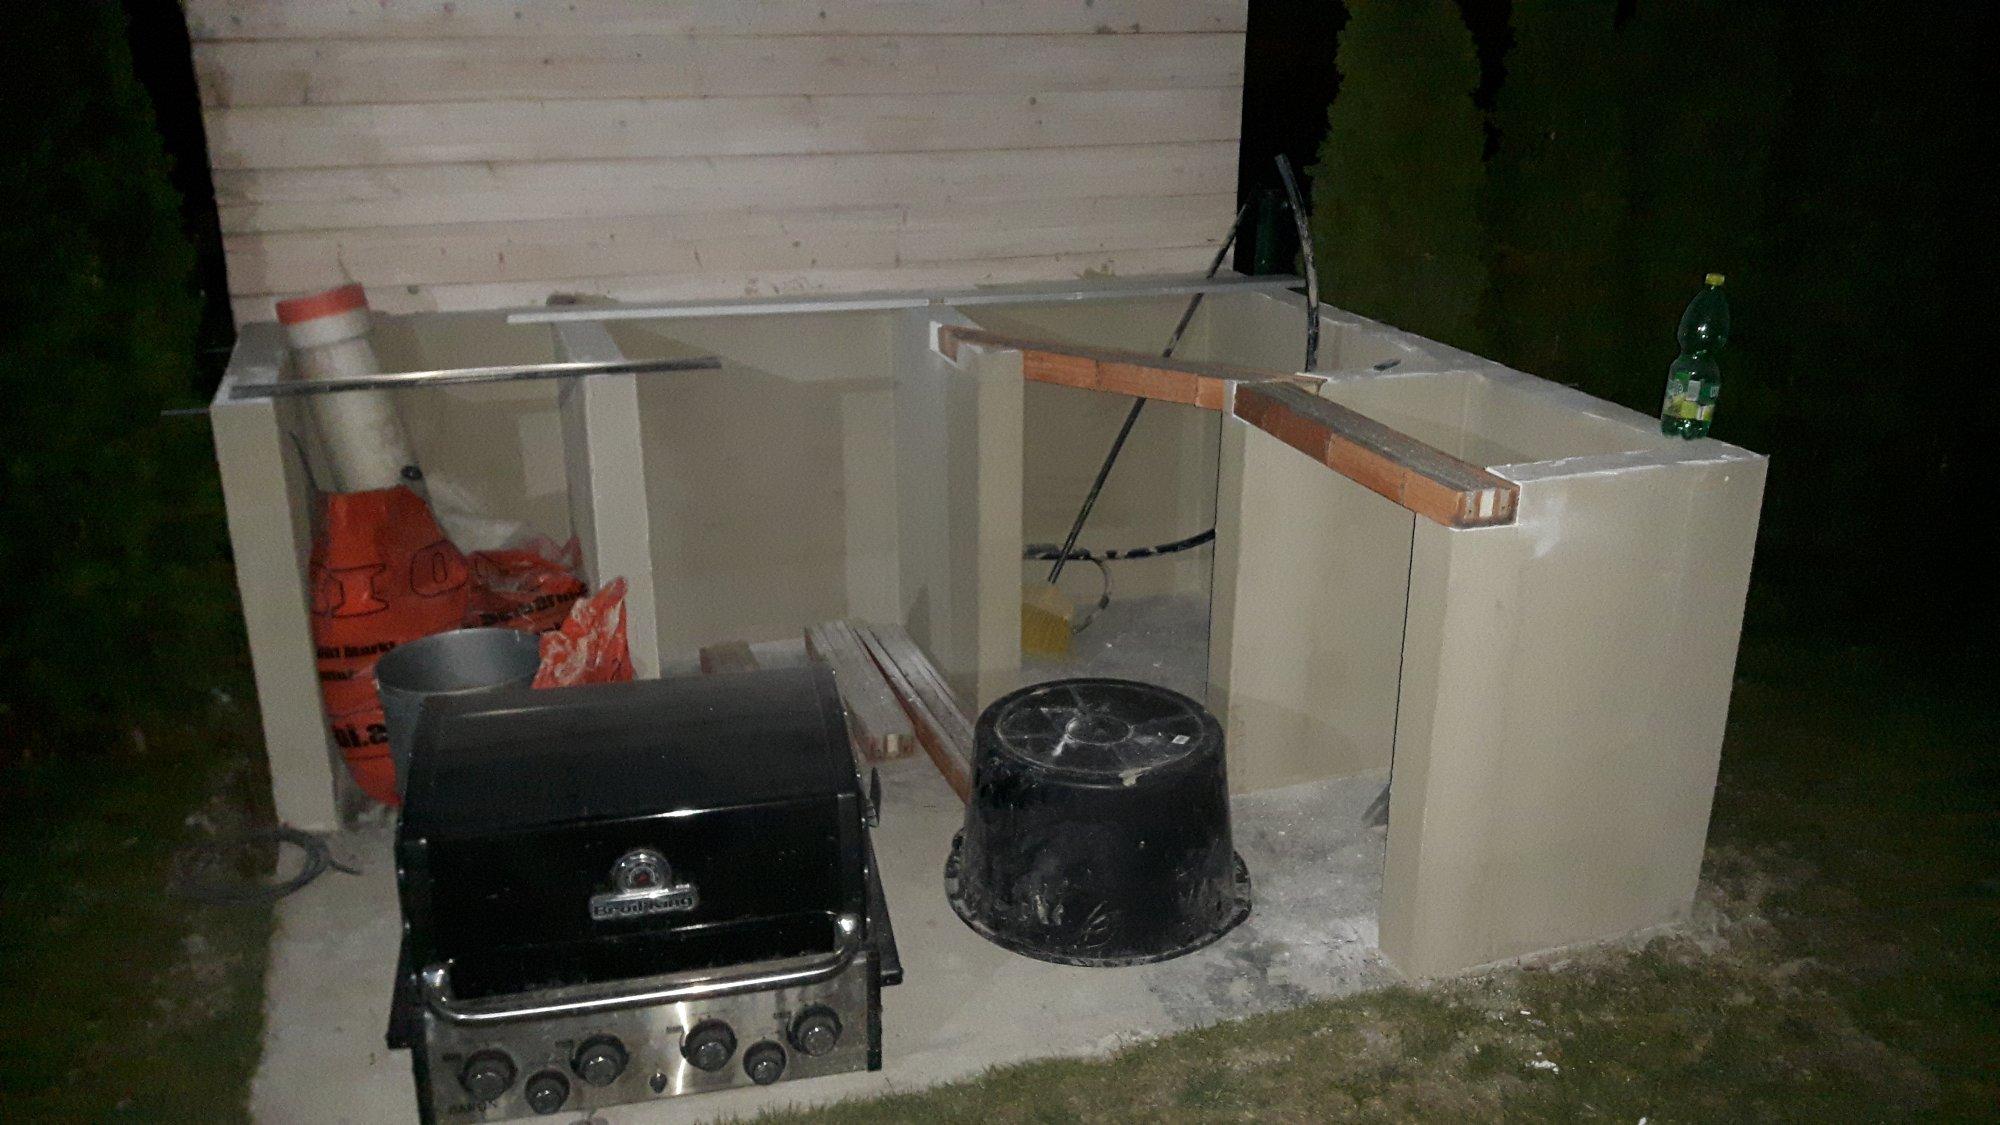 Outdoor Küche Selber Bauen Forum : Outdoor küche eigenbau grillforum und bbq grillsportverein